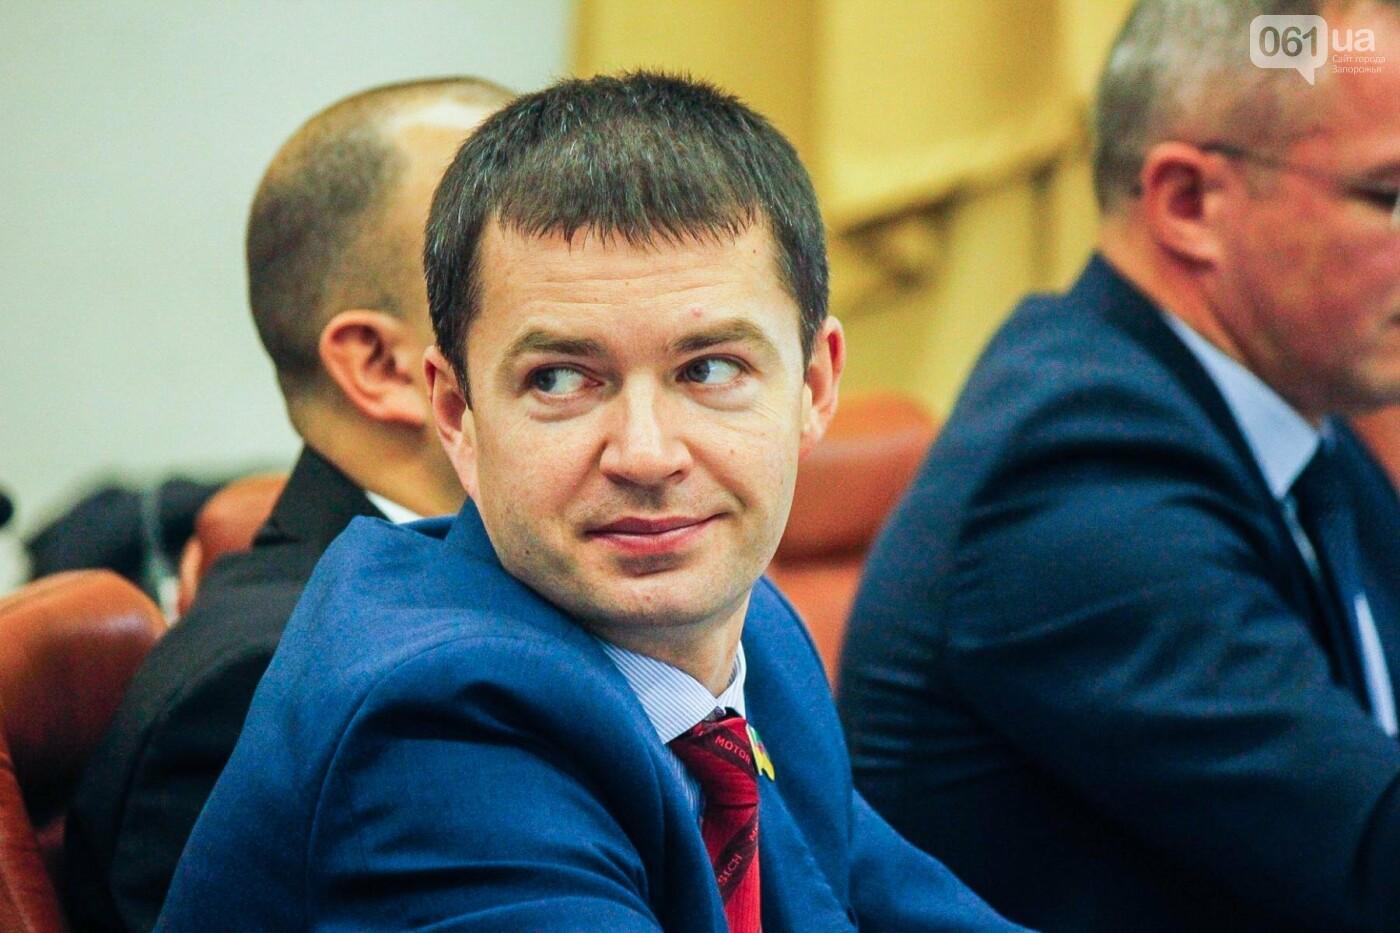 Сессия запорожского горсовета в лицах, - ФОТОРЕПОРТАЖ, фото-58